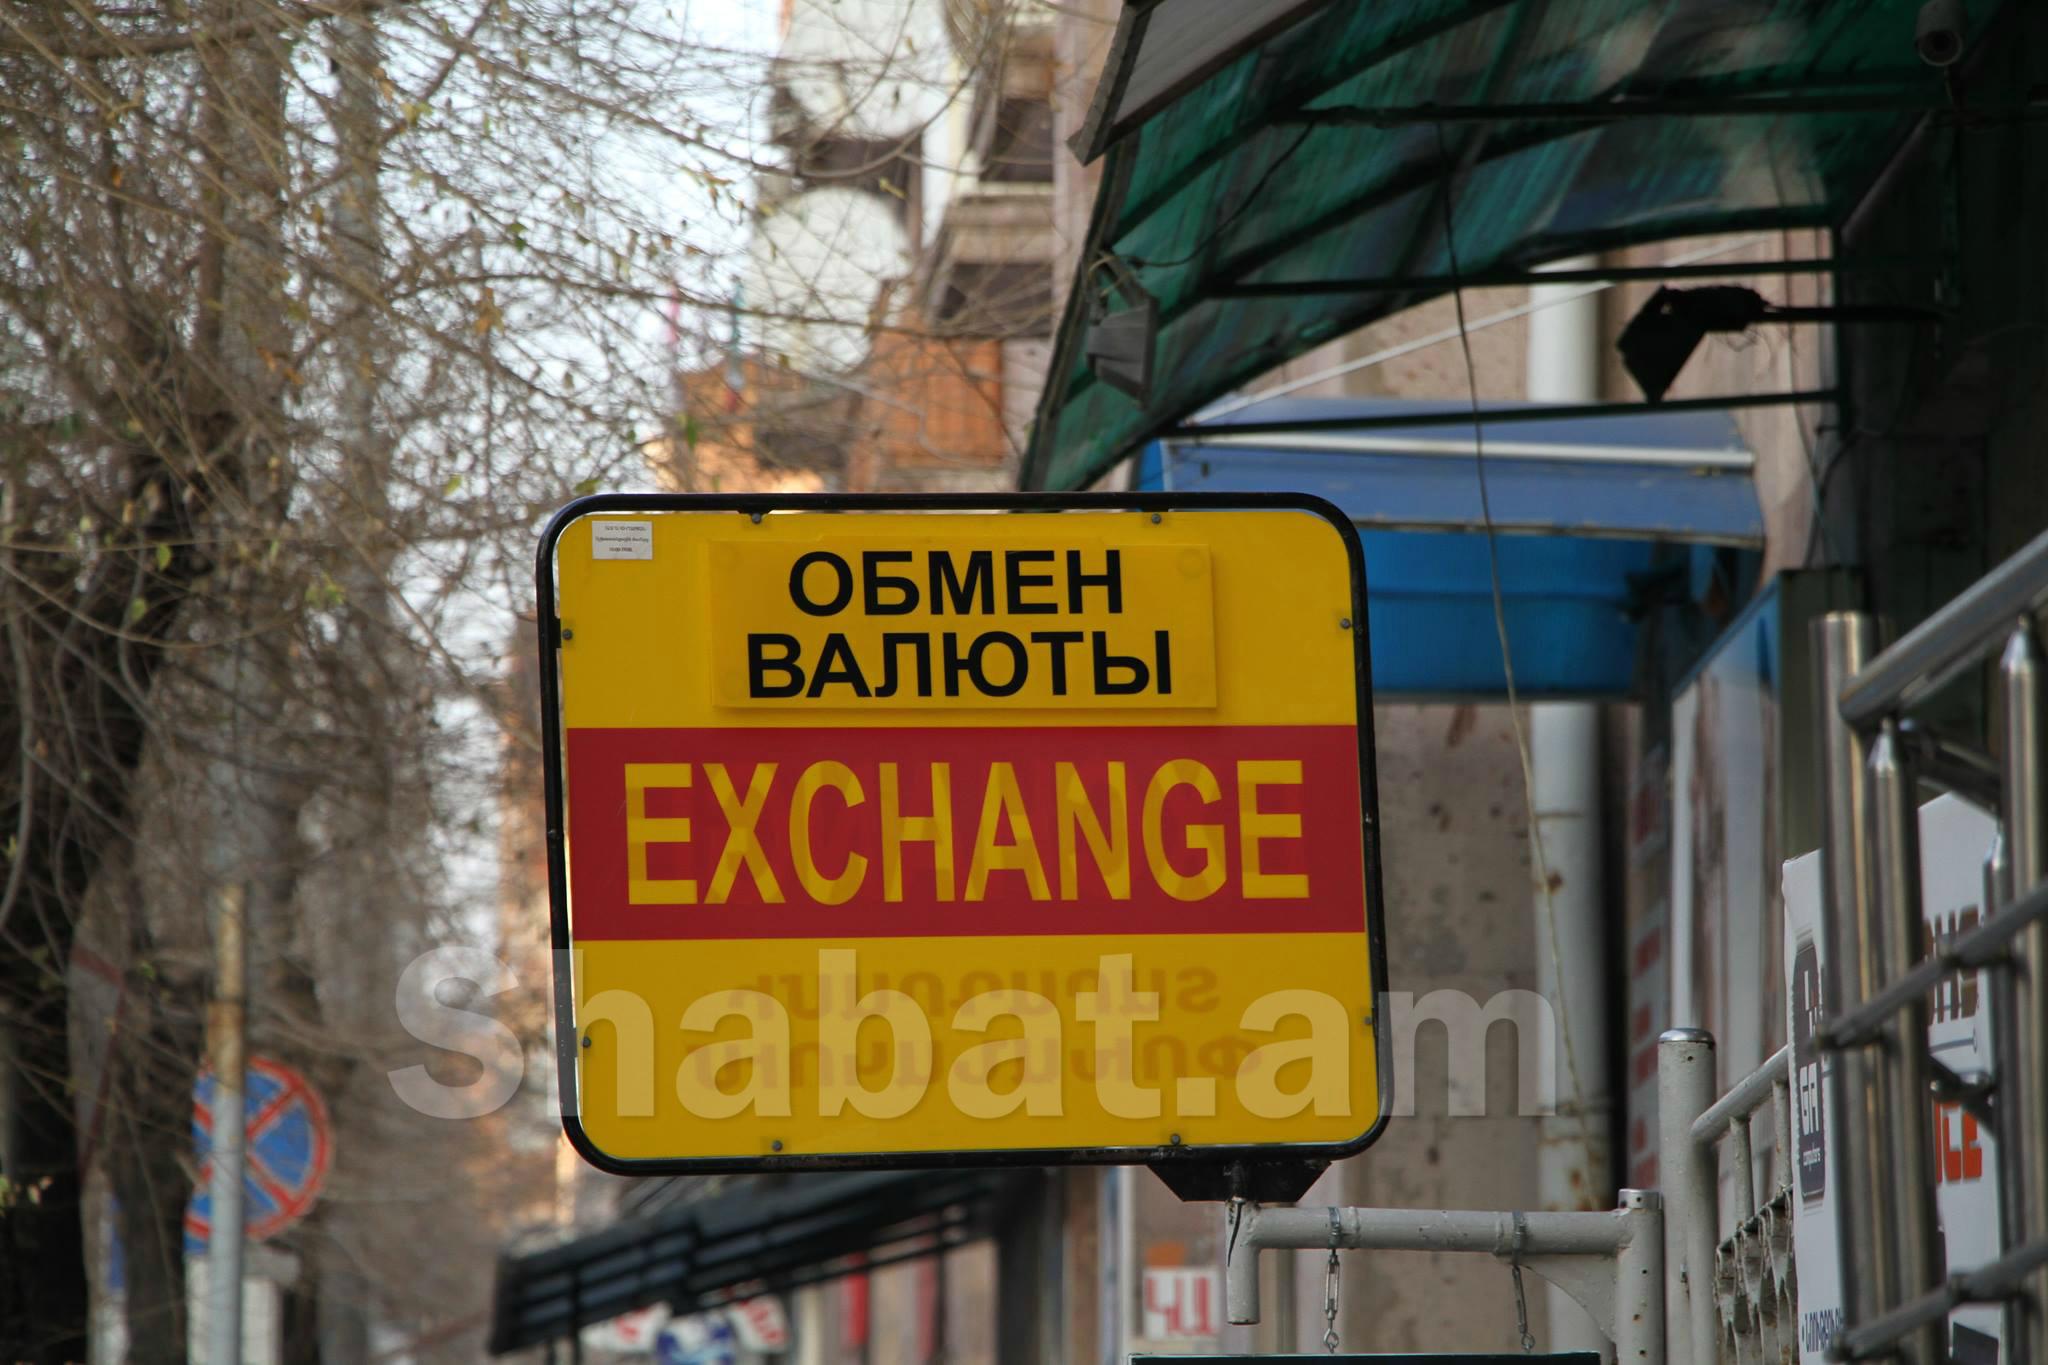 Հայաստանում ռուբլին էժանանում է. արտարժույթի փոխարժեքները` նոյեմբերի 6-ի դրությամբ